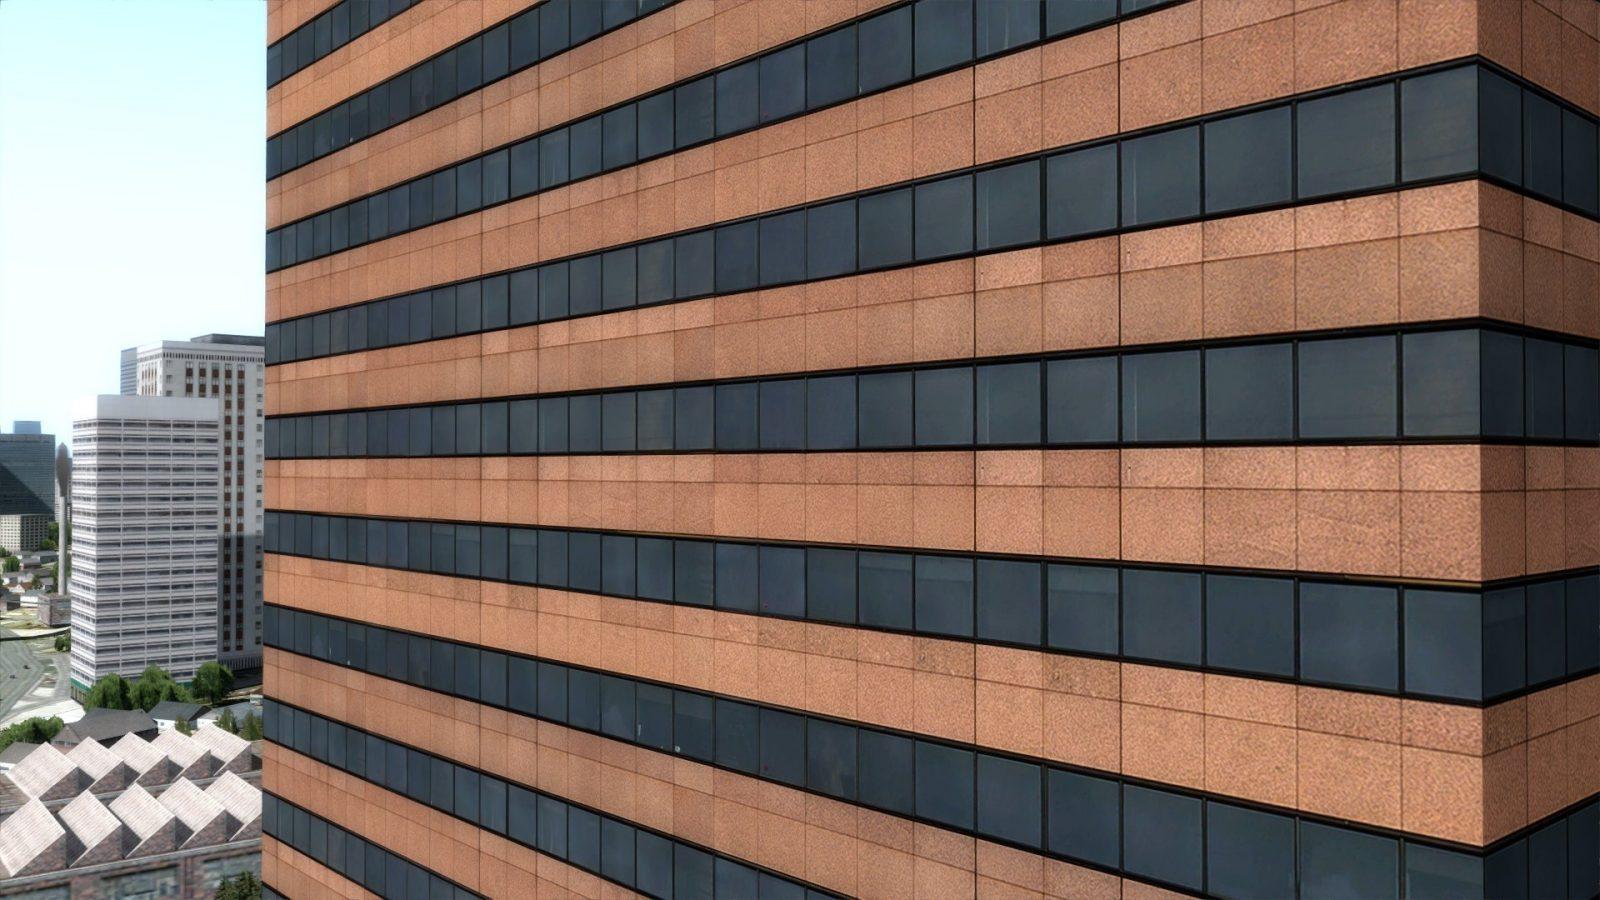 orbx-buildings-hd-previews-6-1600x900.jp